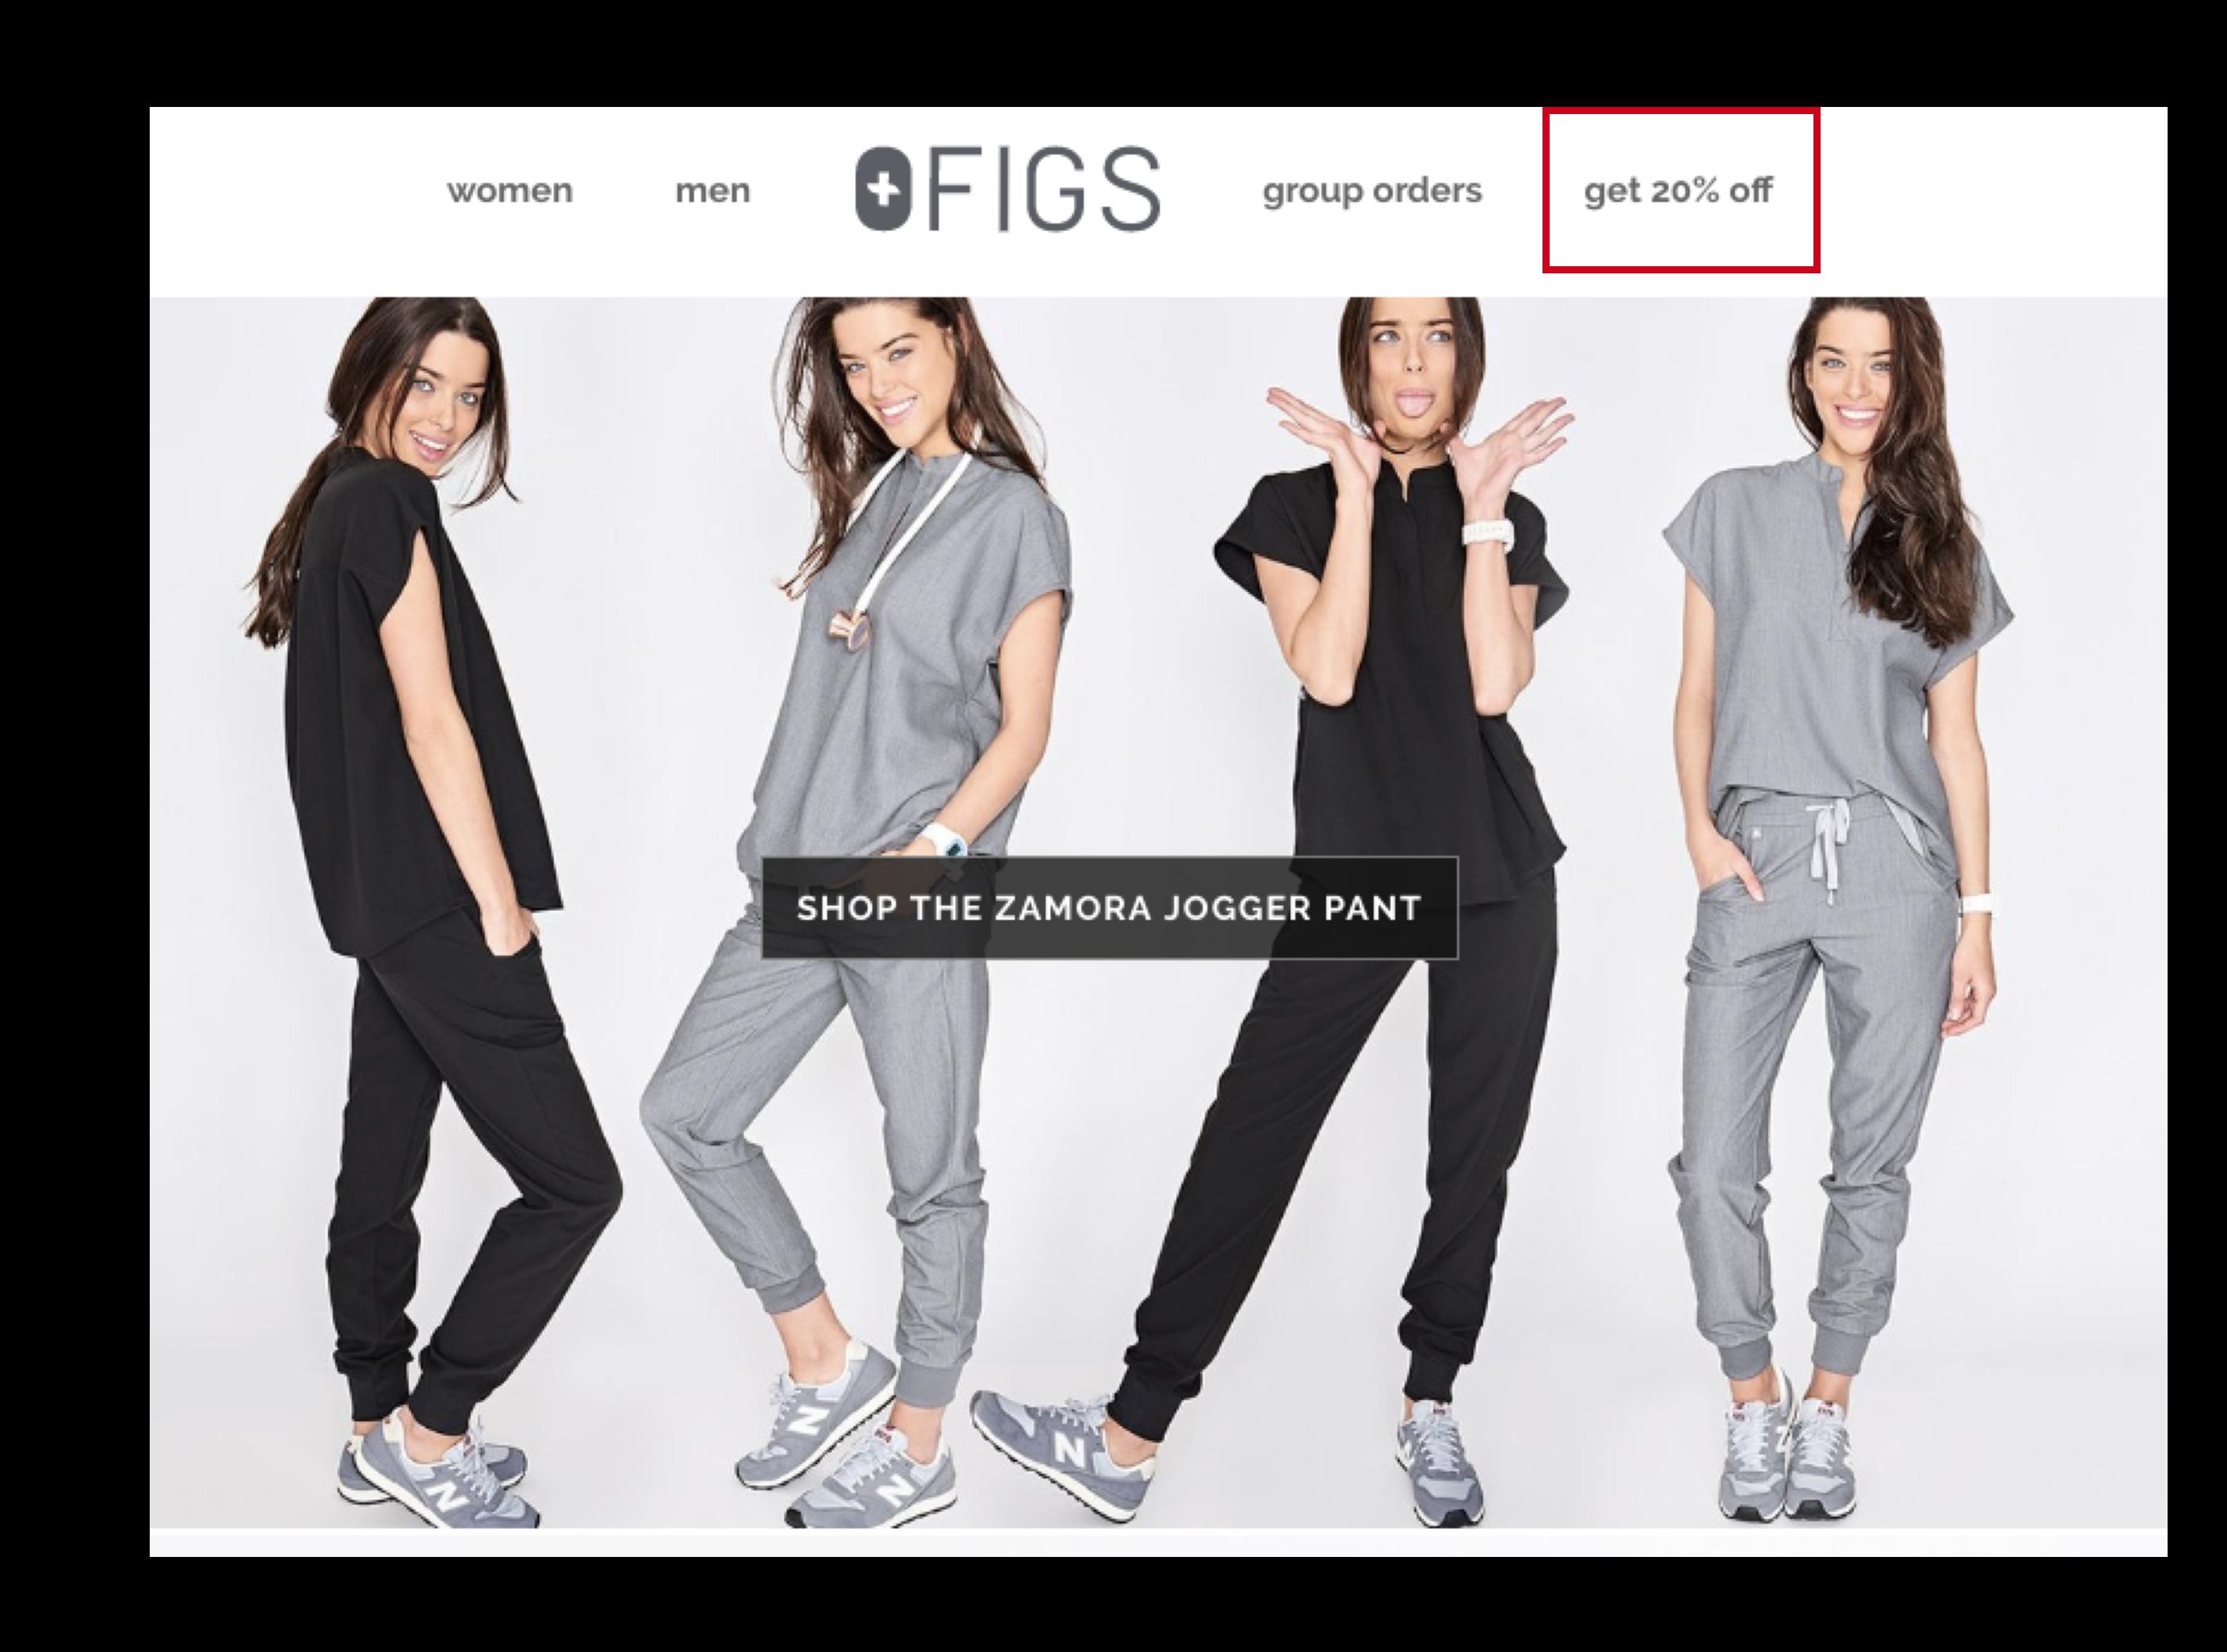 FIGS company